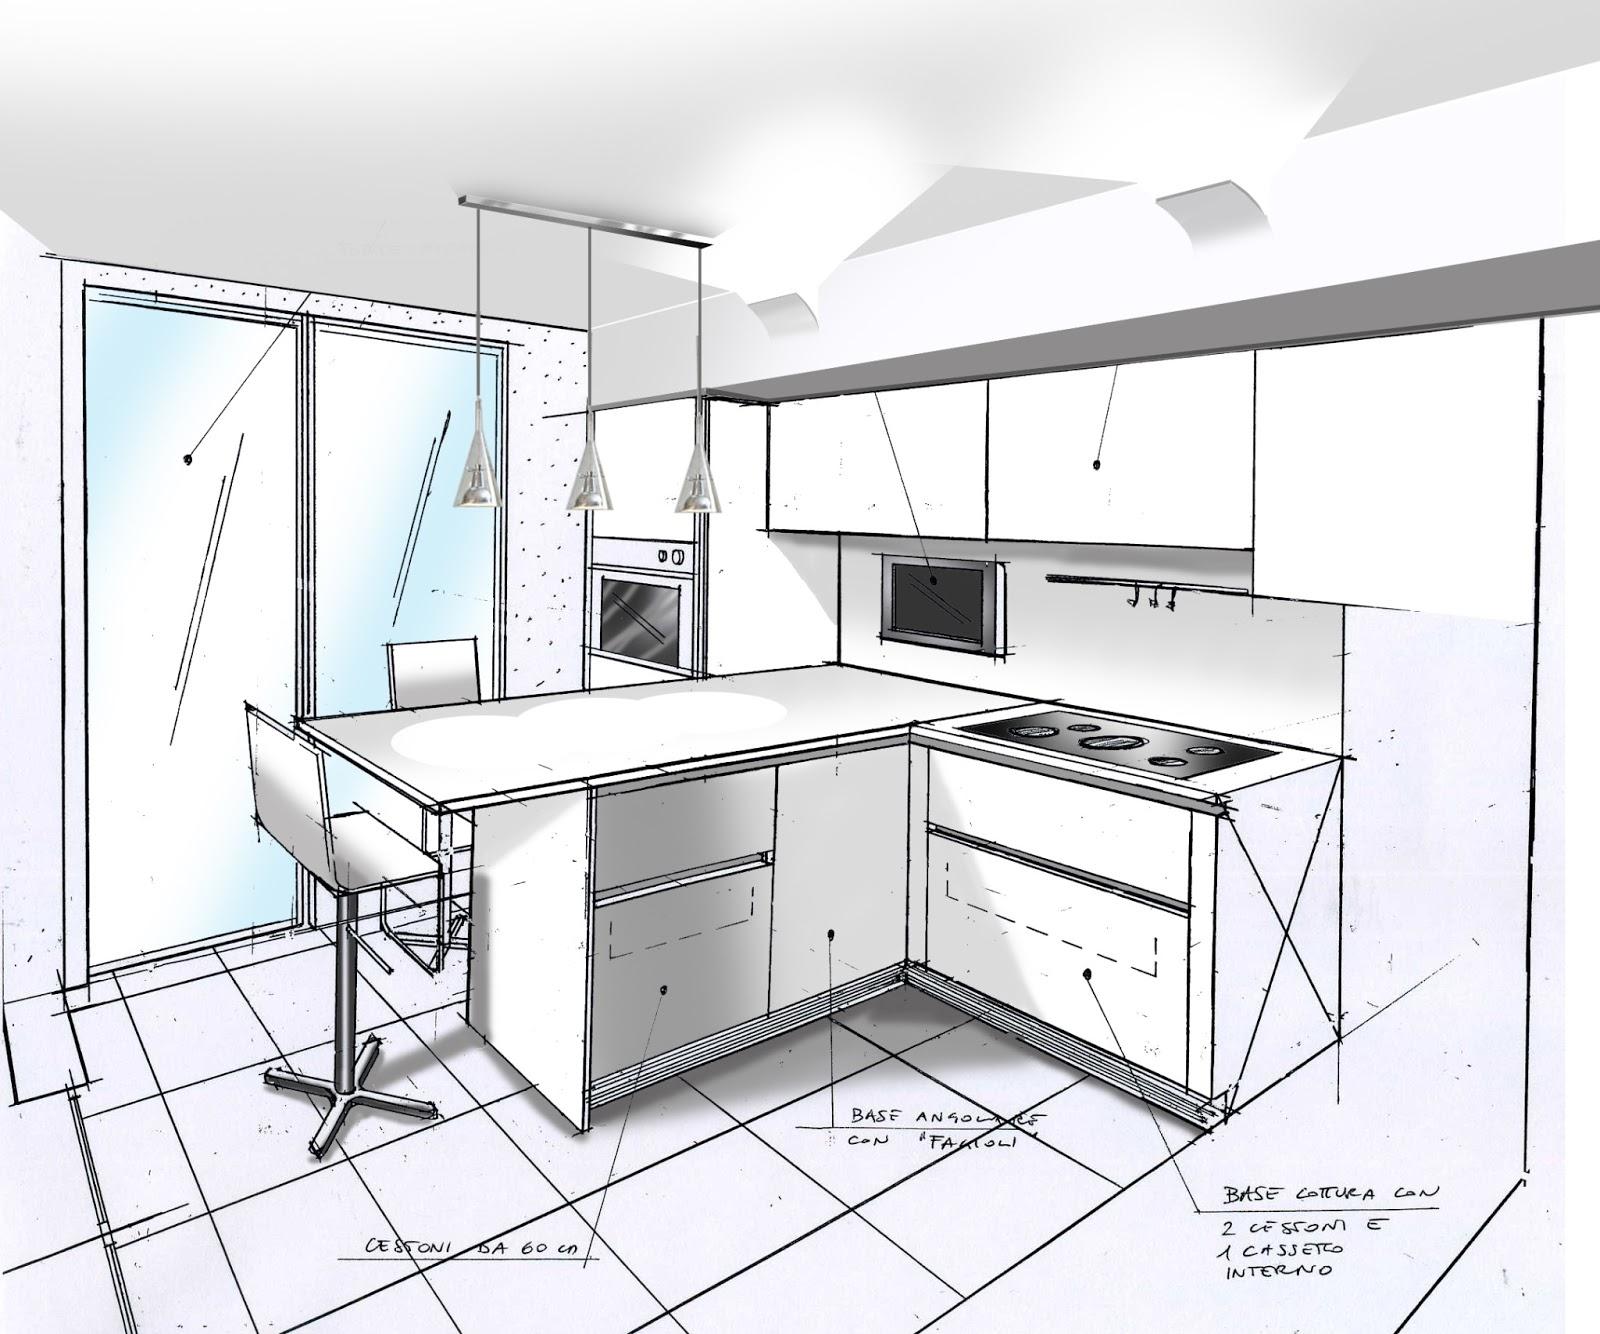 Disegni di cucine eb16 regardsdefemmes - Disegnare cucine gratis ...